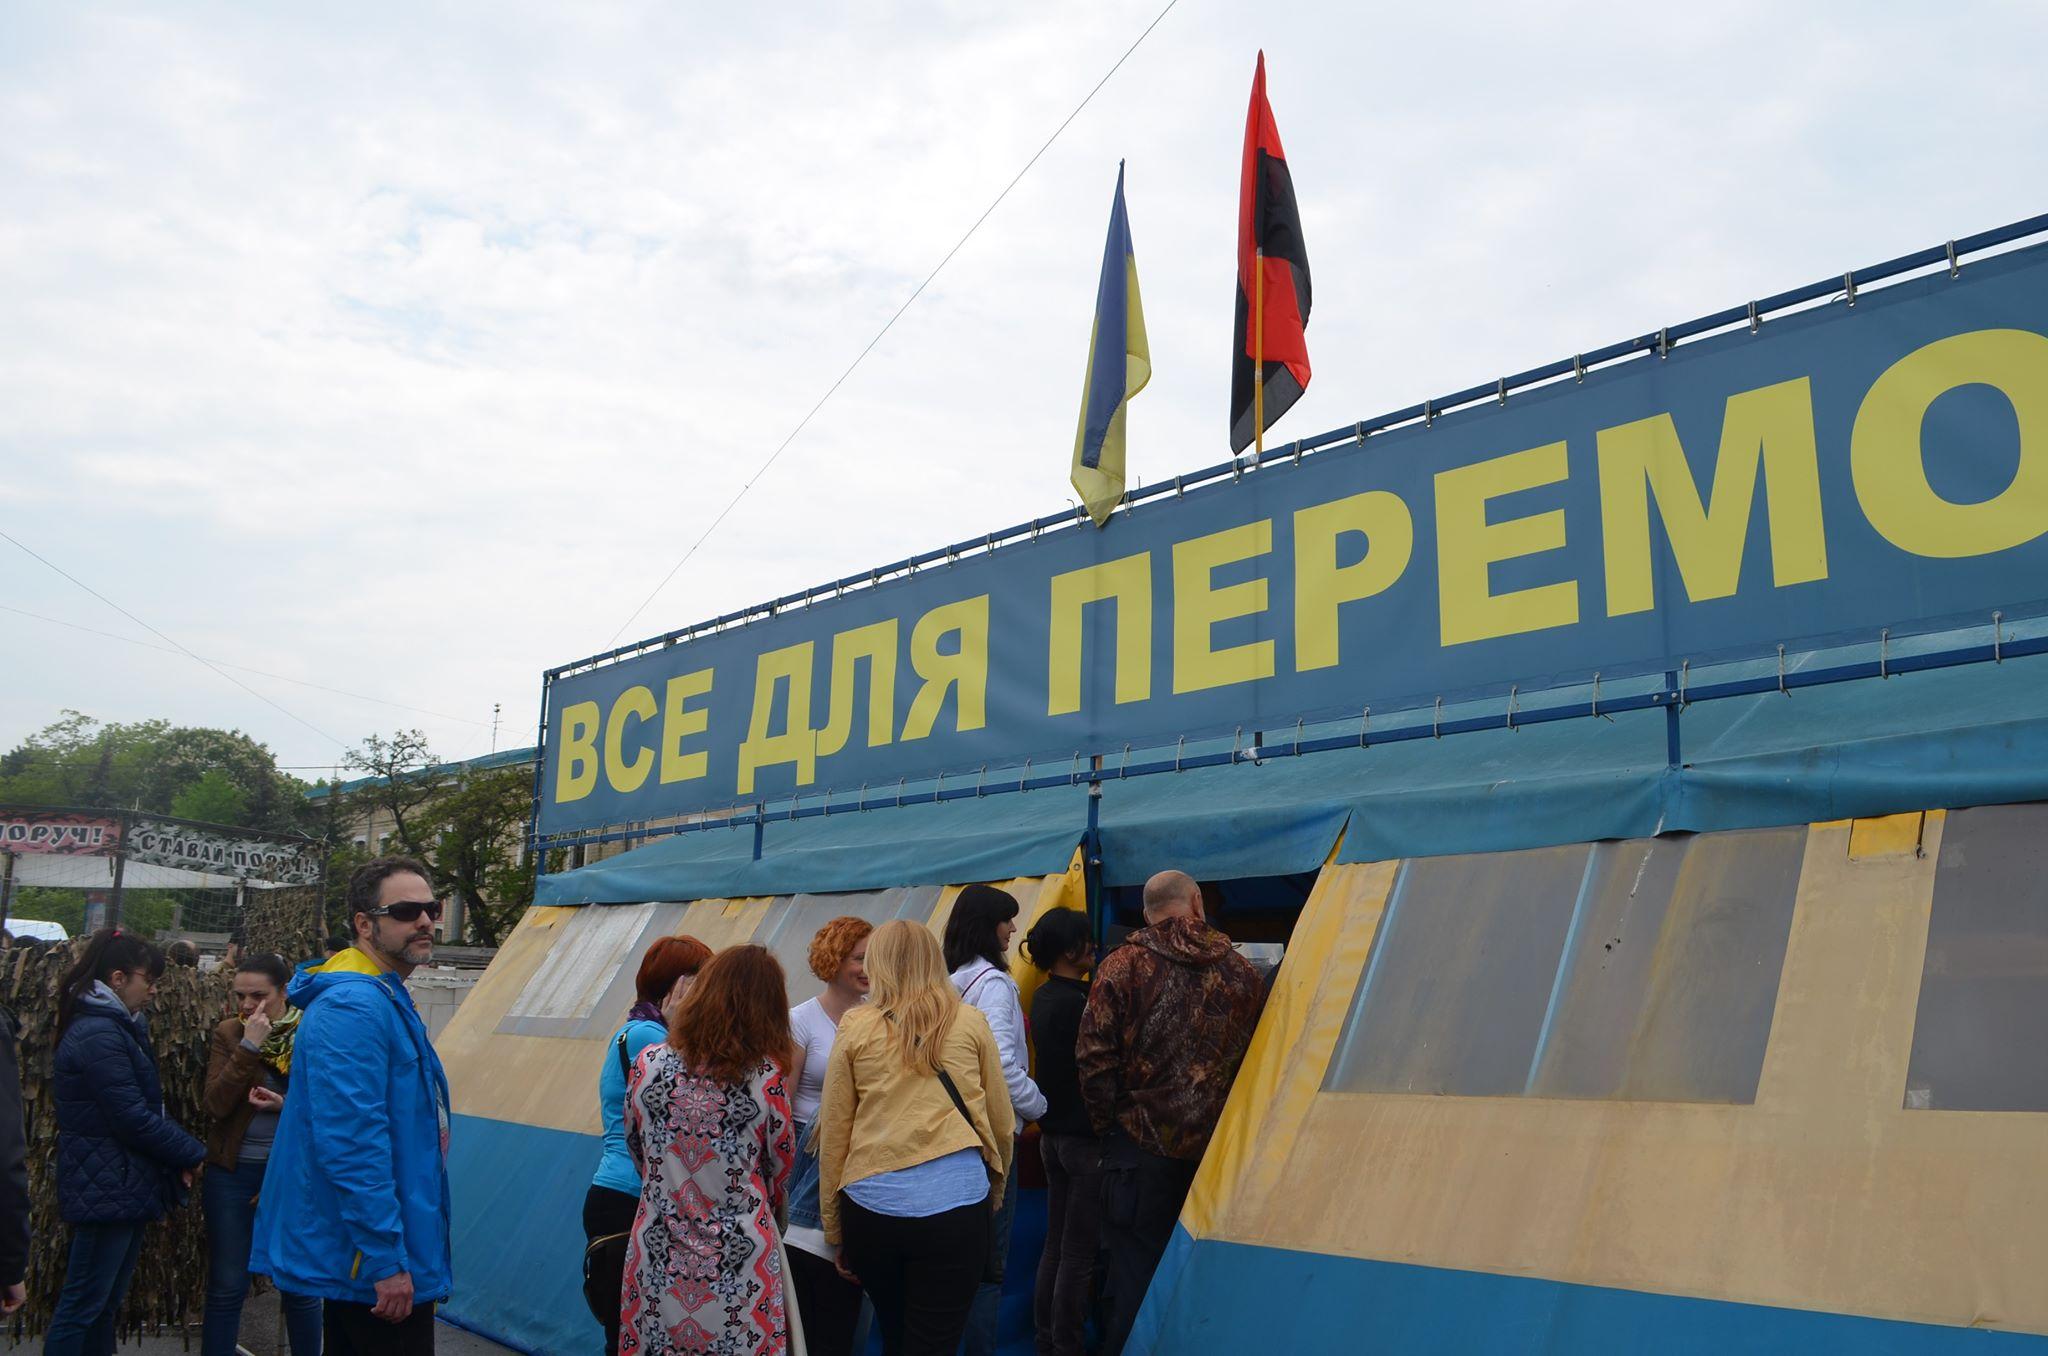 Палатку будут сносить. Кернес ответил на петицию о сносе волонтерской палатки на площади Свободы